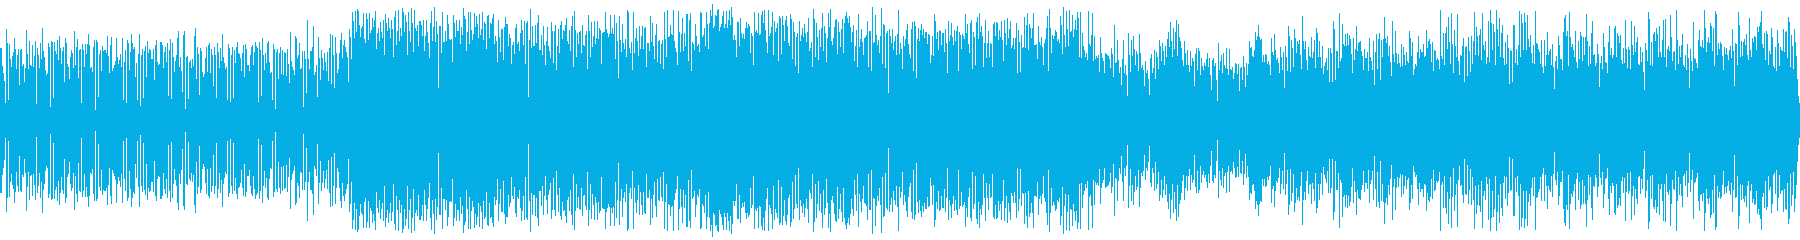 明るく疾走感のあるチップチューンの再生済みの波形